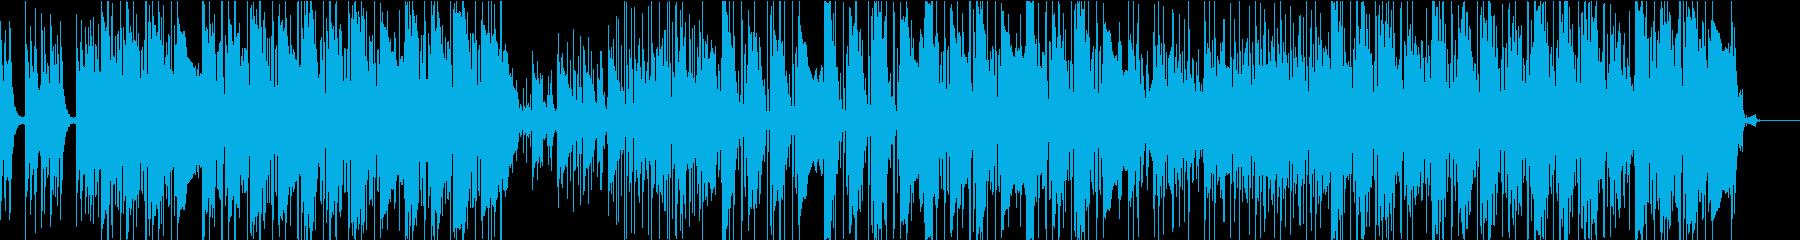 ポップロックでダイナミックな曲の再生済みの波形